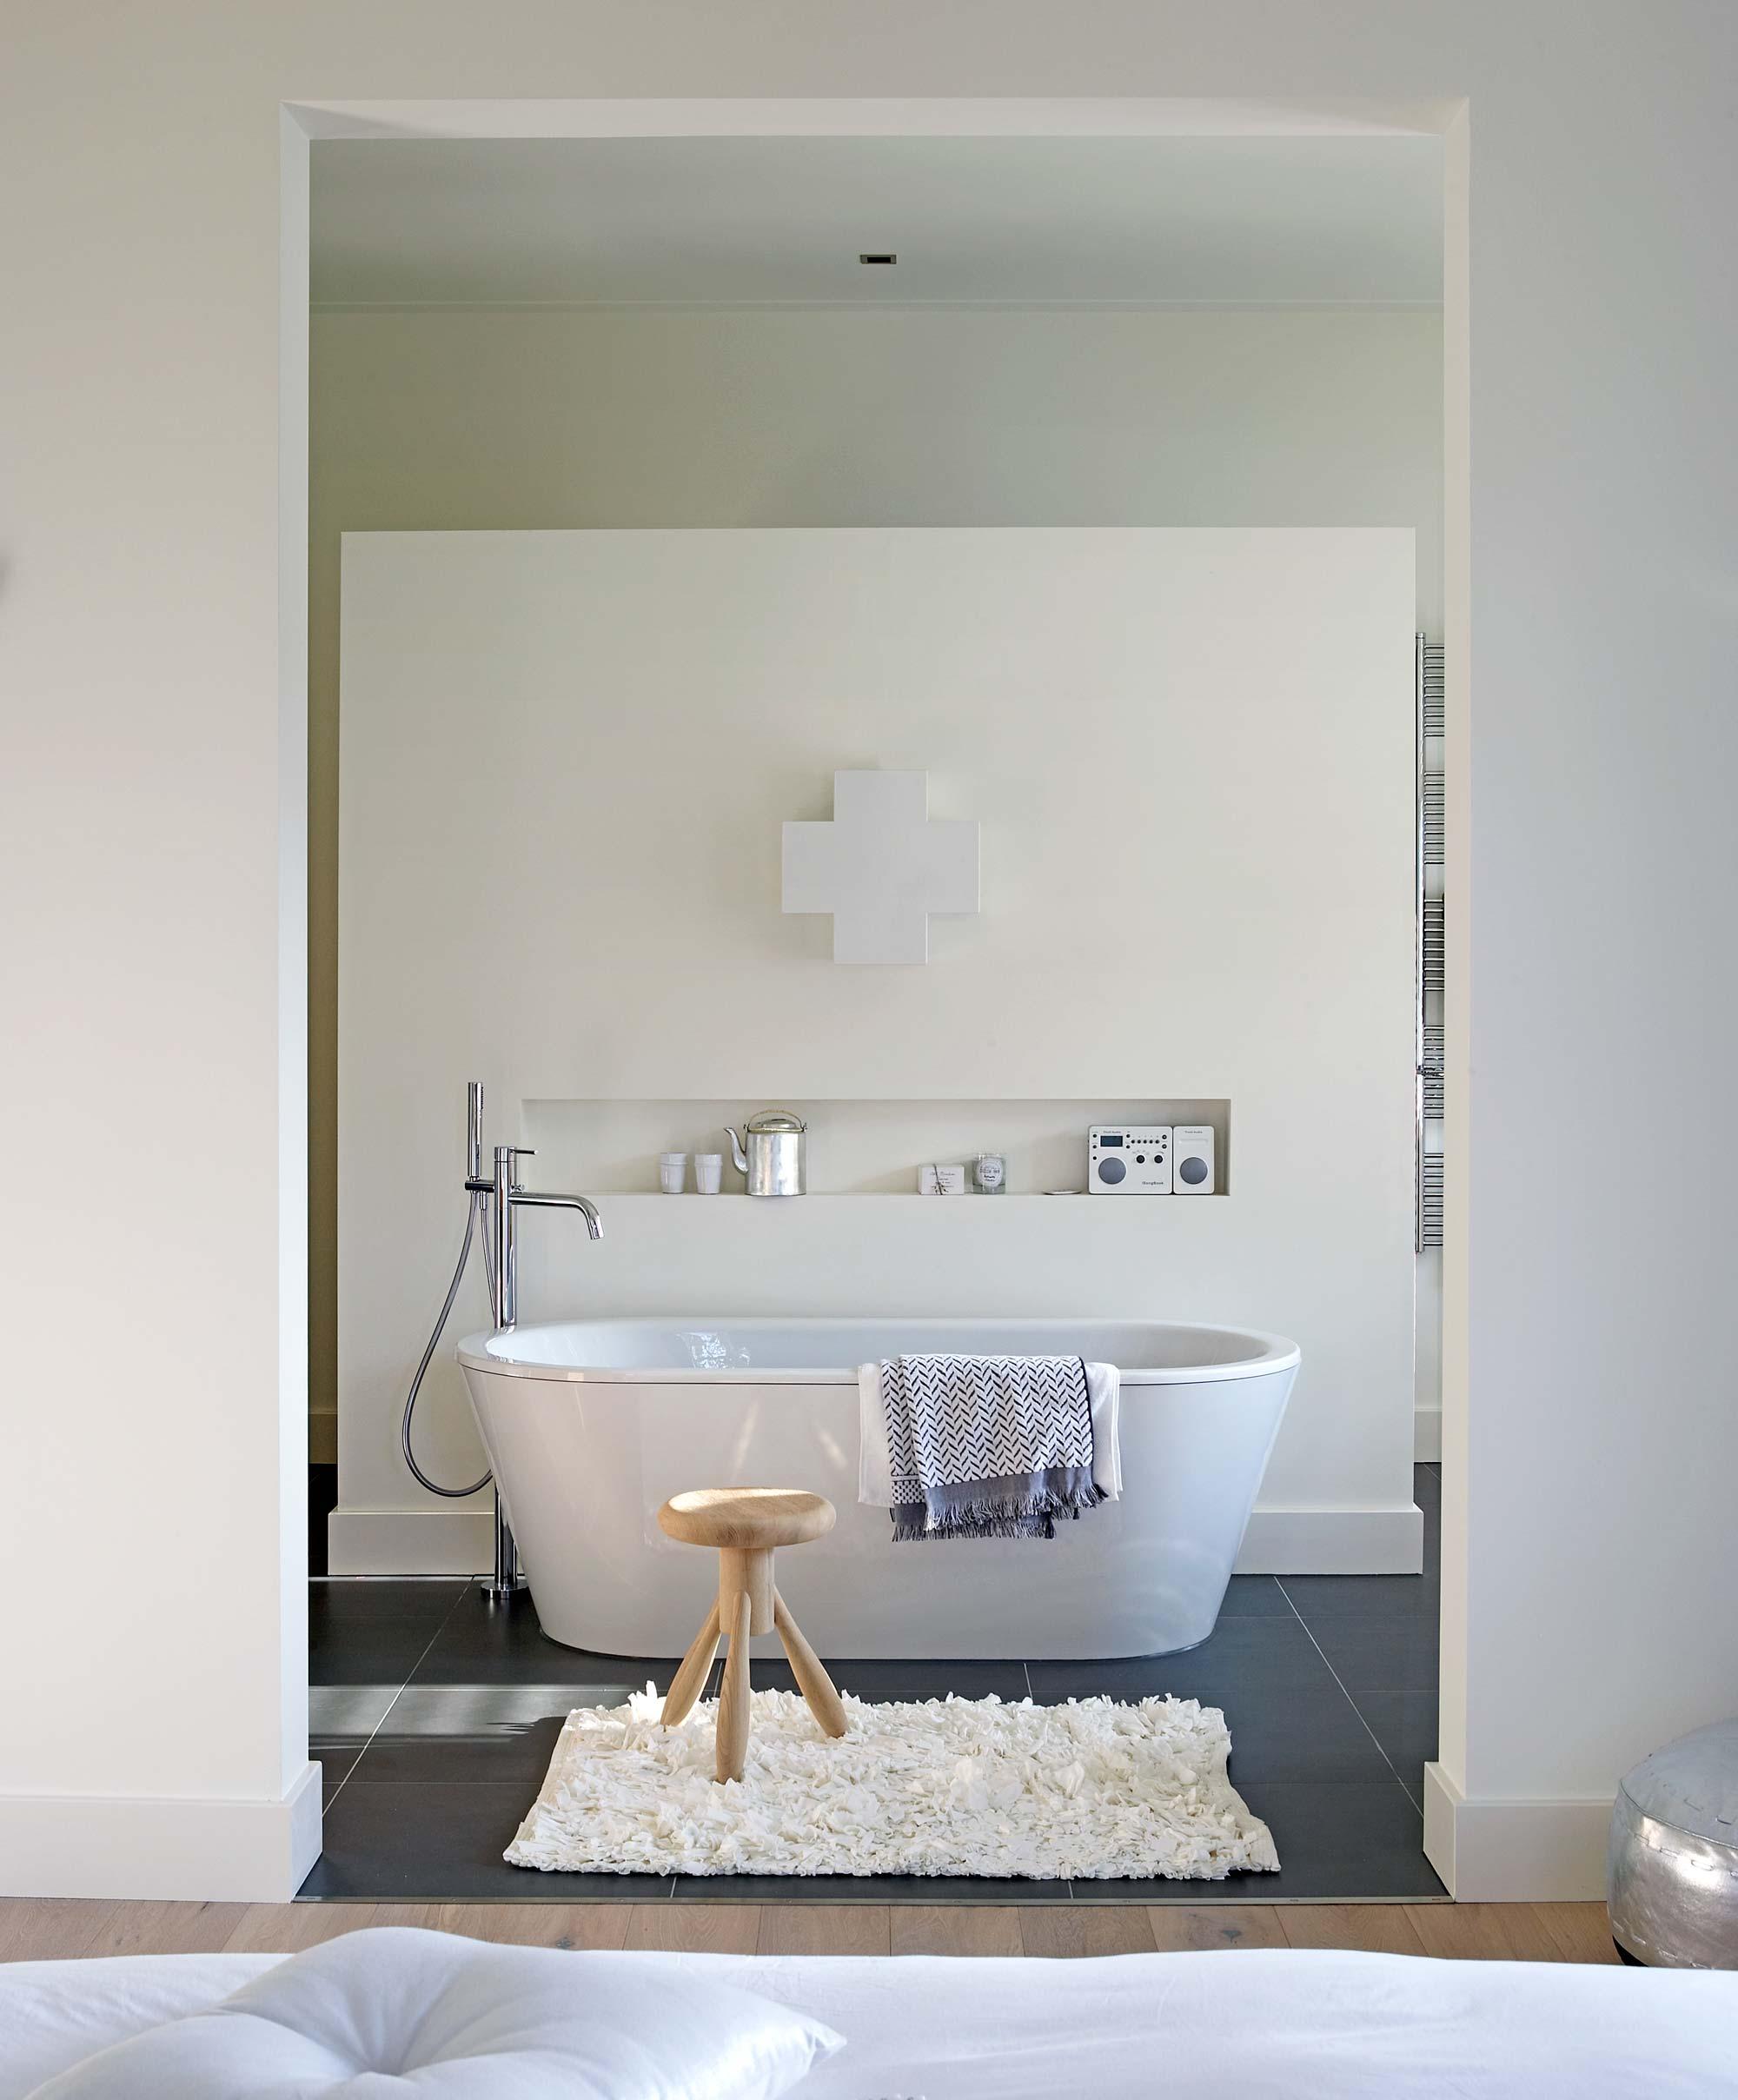 duurzame badkamer met bad